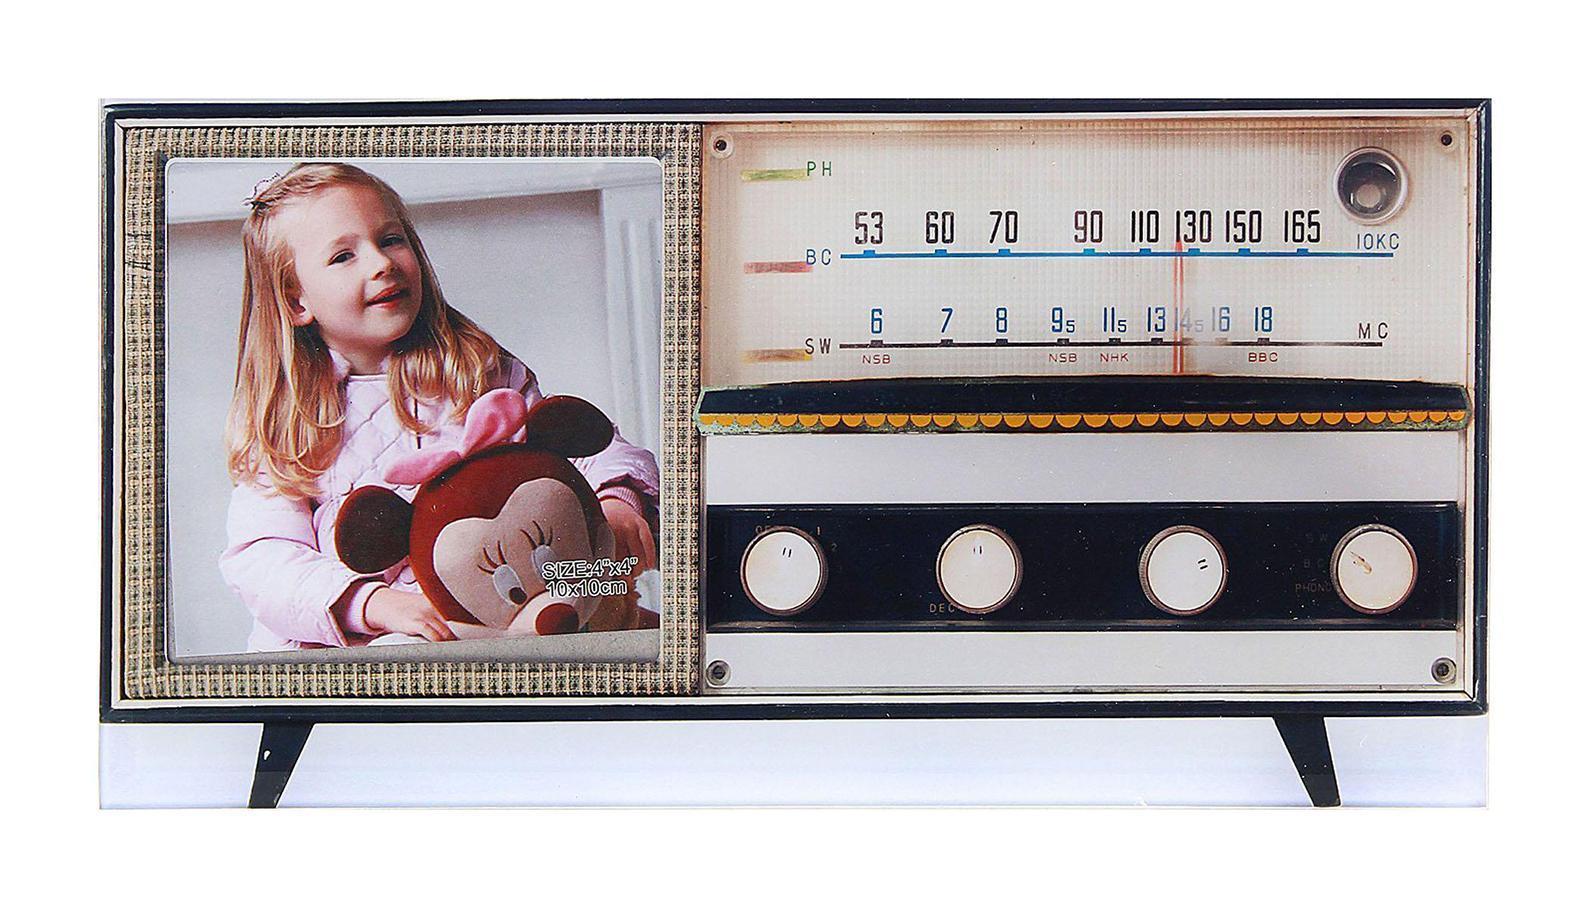 Фоторамка Sima-land Старый проигрыватель, цвет: белый, черный, 10 х 10 смBBM46200/2/052Декоративная фоторамка Sima-land Старый проигрыватель выполнена из стекла и декорирована изображением старого проигрывателя. Обратная сторона рамки оснащена специальной ножкой, благодаря которой ее можно поставить на стол или любое другое место в доме или офисе. Такая фоторамка украсит ваш интерьер оригинальным образом, а также позволит сохранить память о дорогих вам людях и интересных событиях вашей жизни. С ней вы сможете не просто внести в интерьер своего дома элемент оригинальности, но и создать атмосферу загадочности и изысканности.